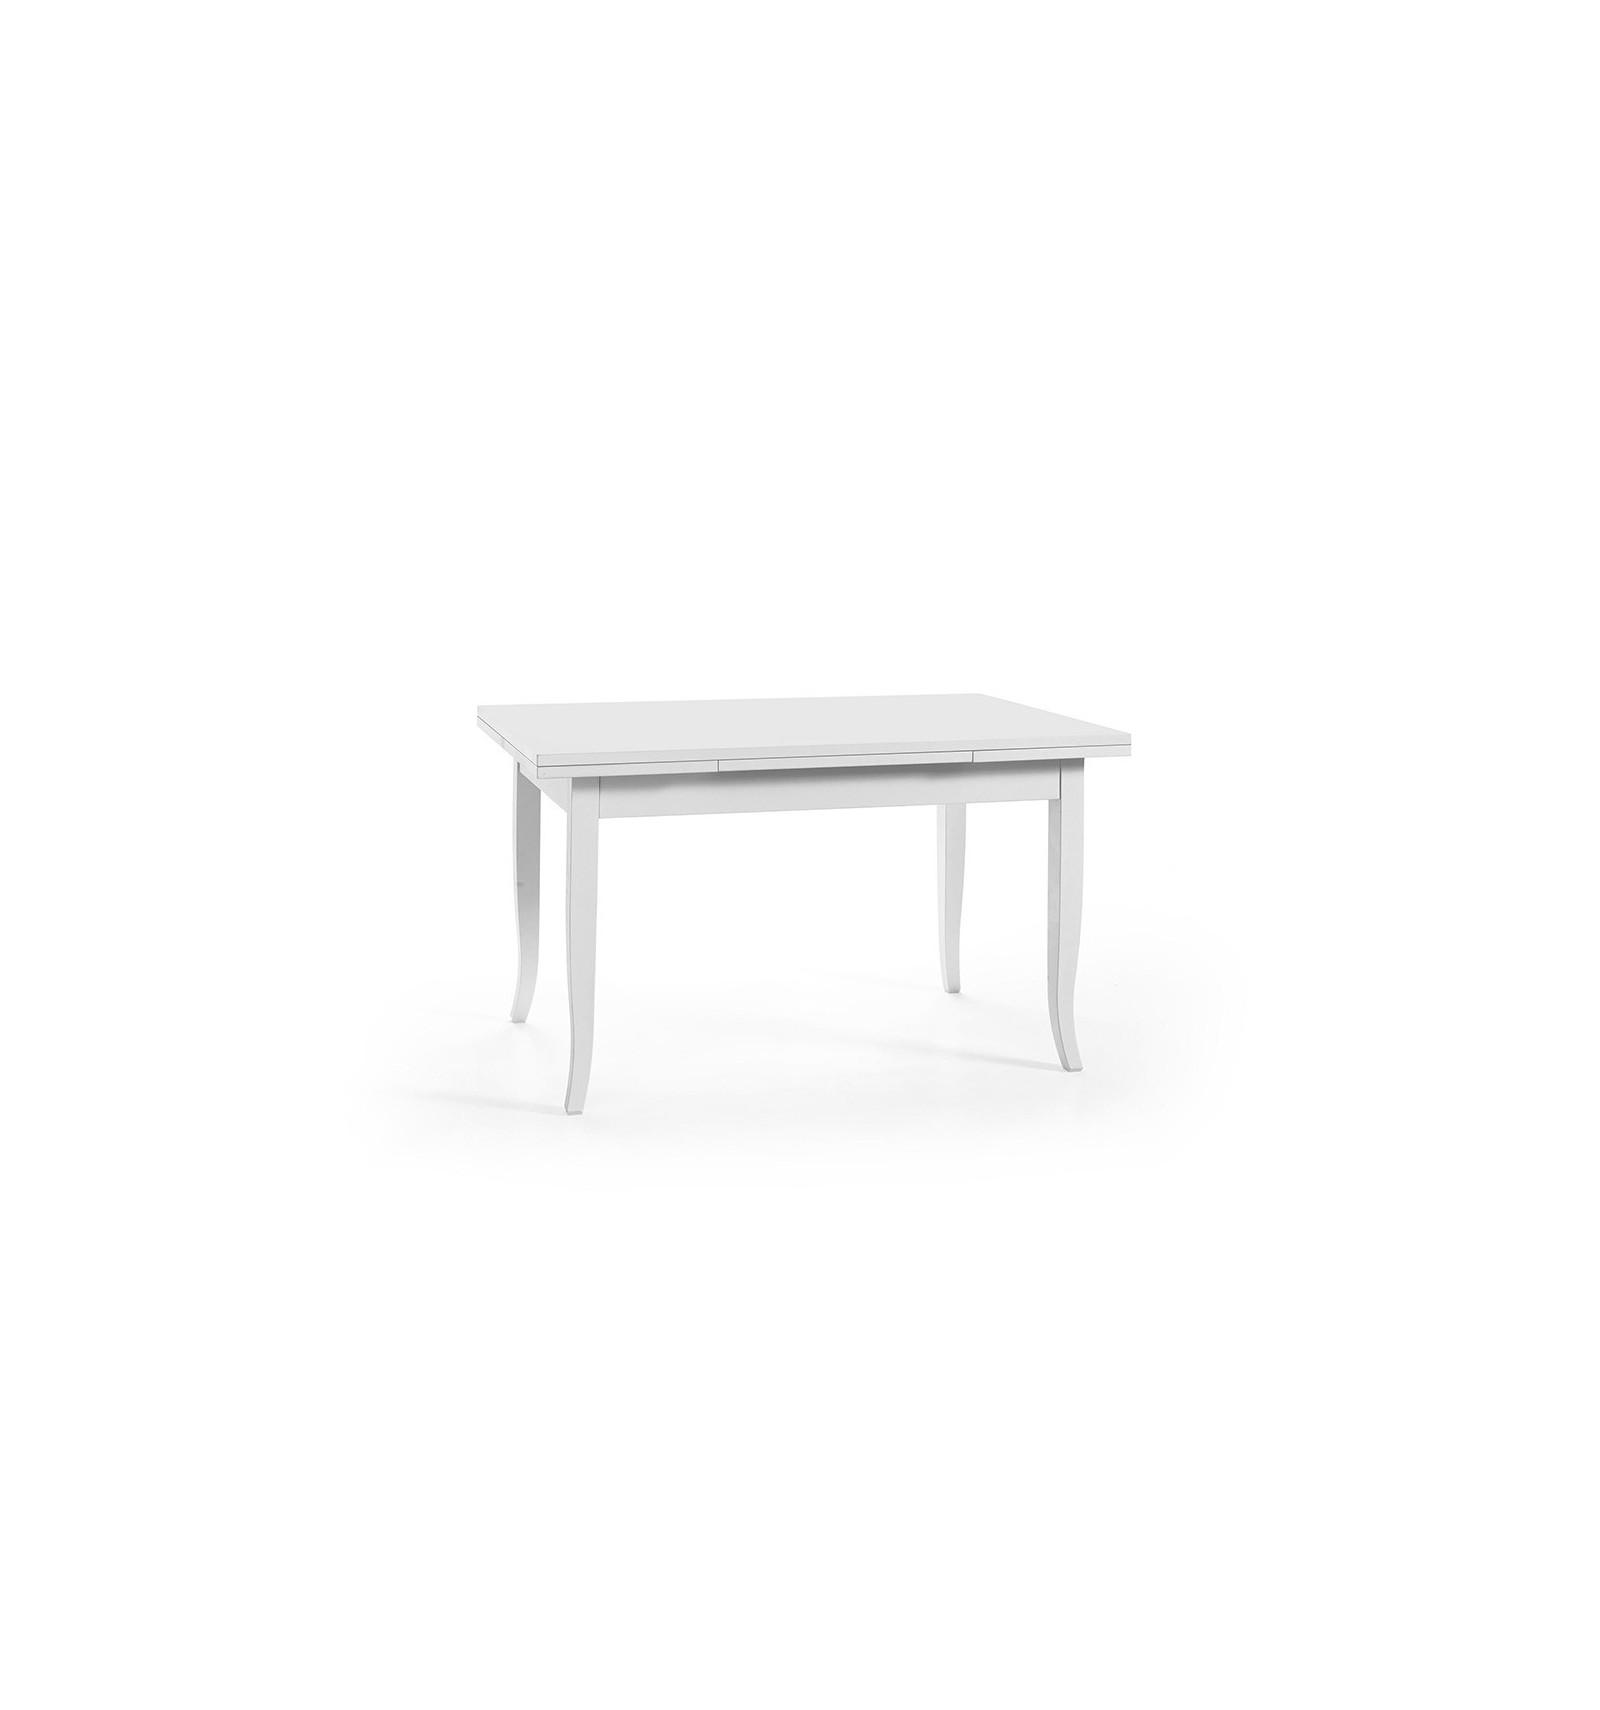 Tavolo Rettangolare Allungabile Quadrato.Tavolo Quadrato Allungabile Classico 100 100 W6043 Za Lo Scrigno